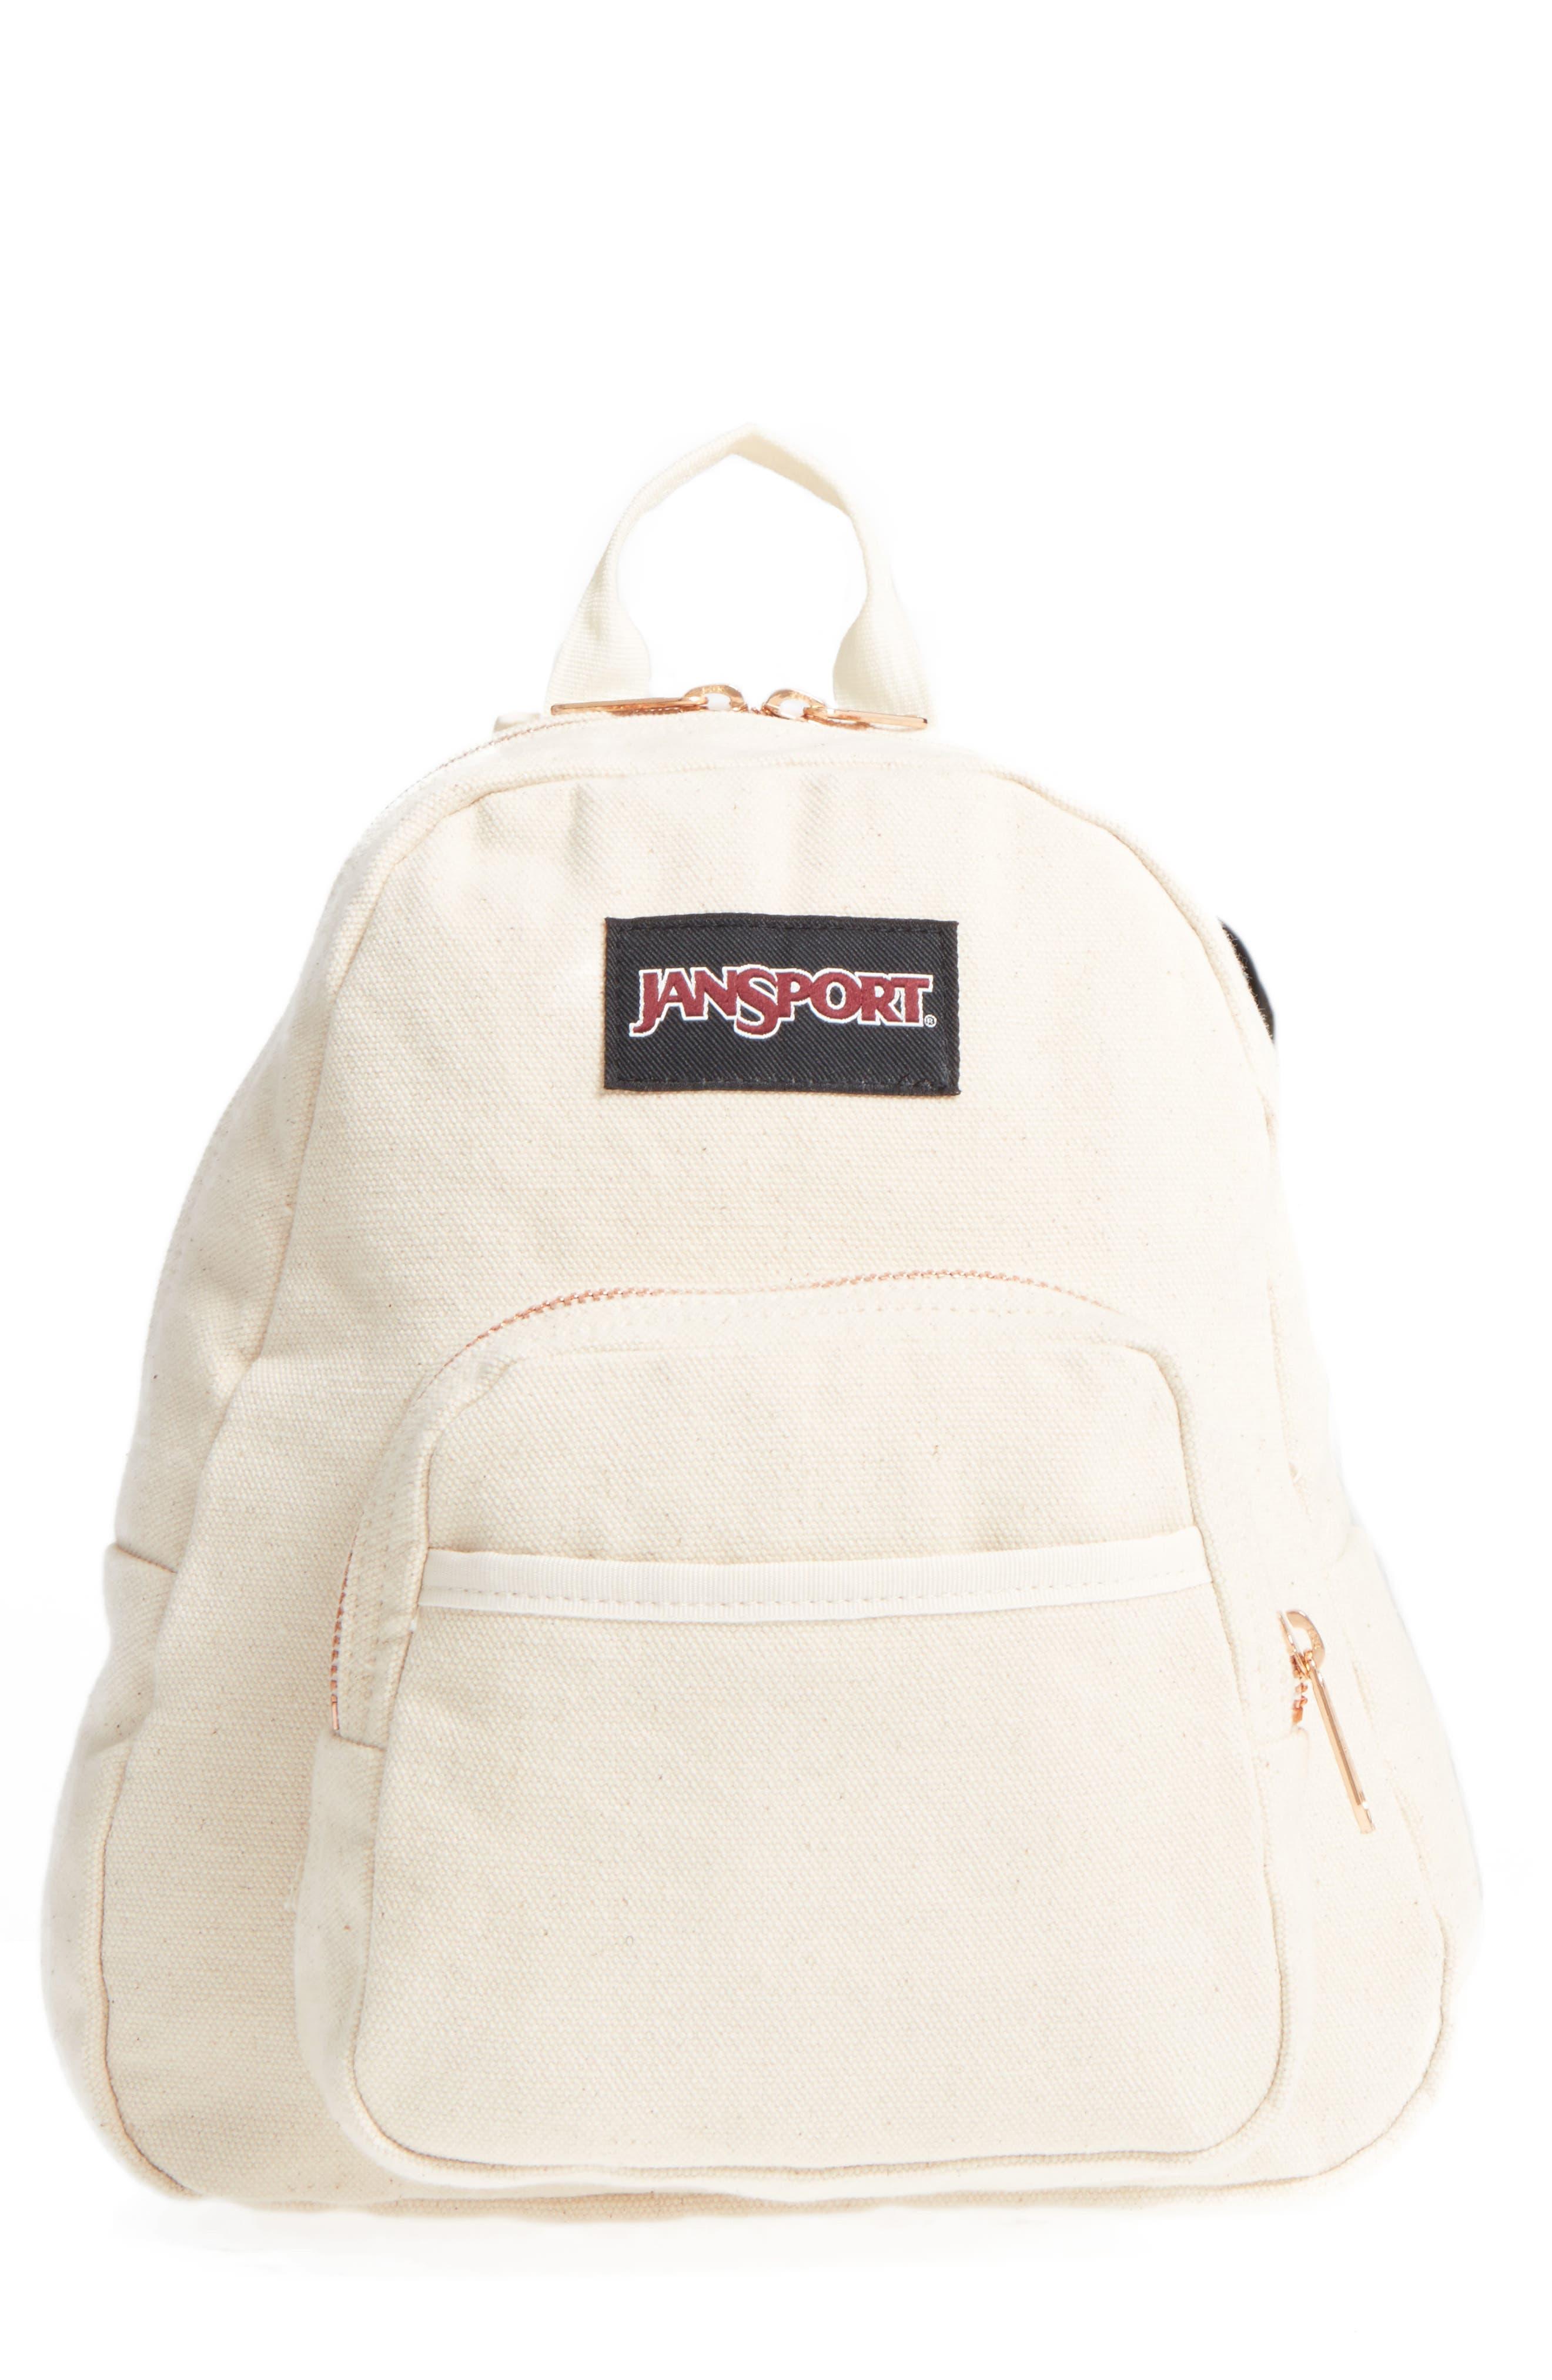 Half Pint Backpack,                             Main thumbnail 1, color,                             Rose Gold